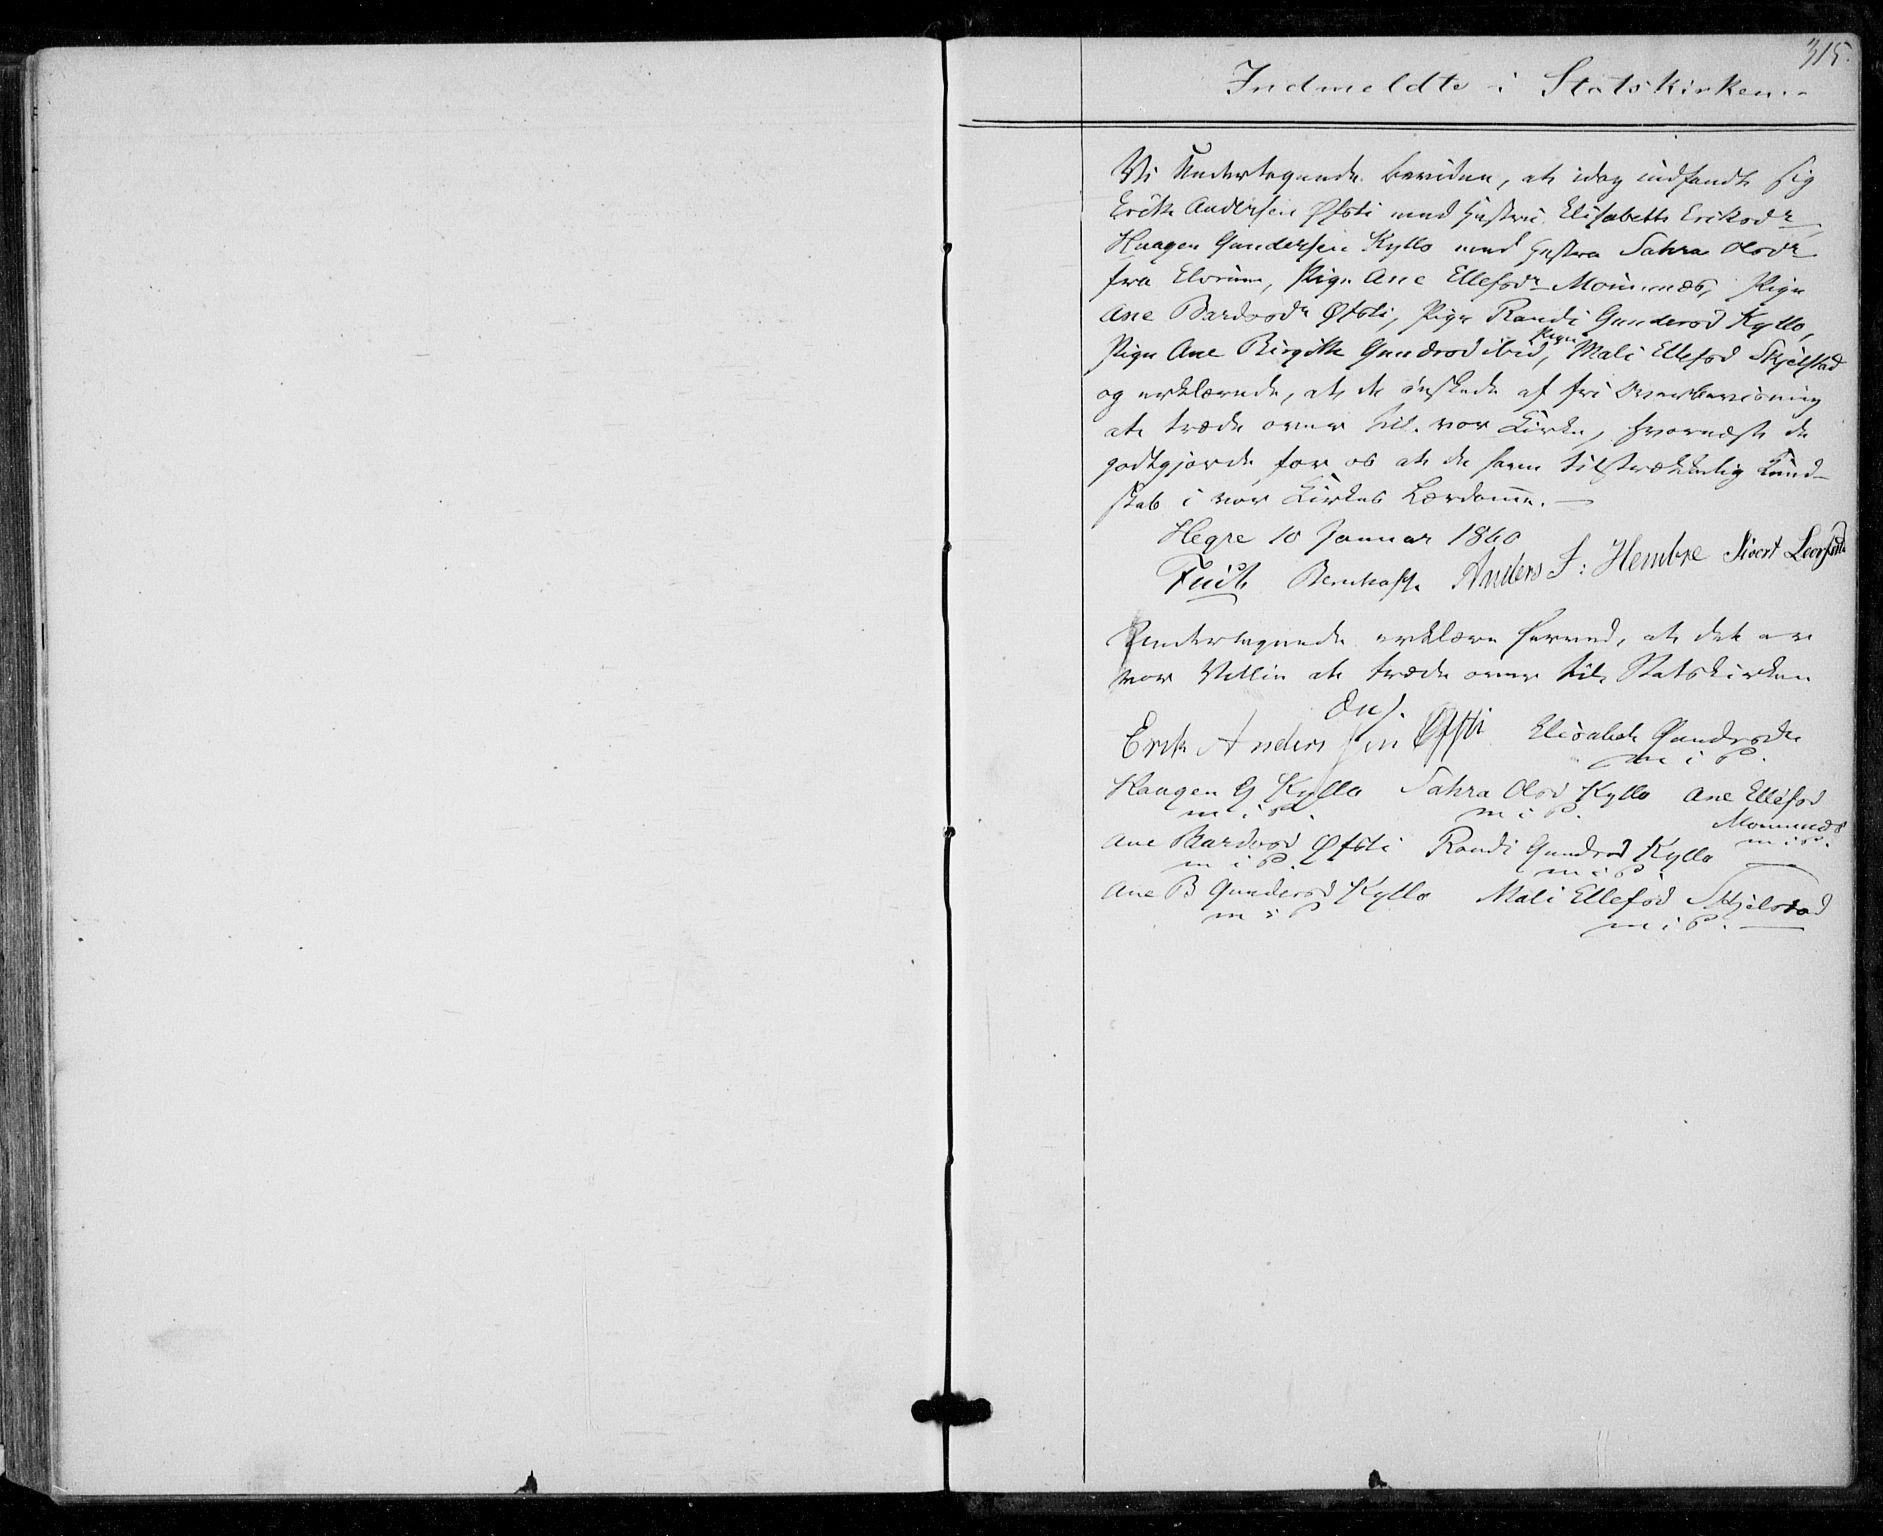 SAT, Ministerialprotokoller, klokkerbøker og fødselsregistre - Nord-Trøndelag, 703/L0028: Ministerialbok nr. 703A01, 1850-1862, s. 315